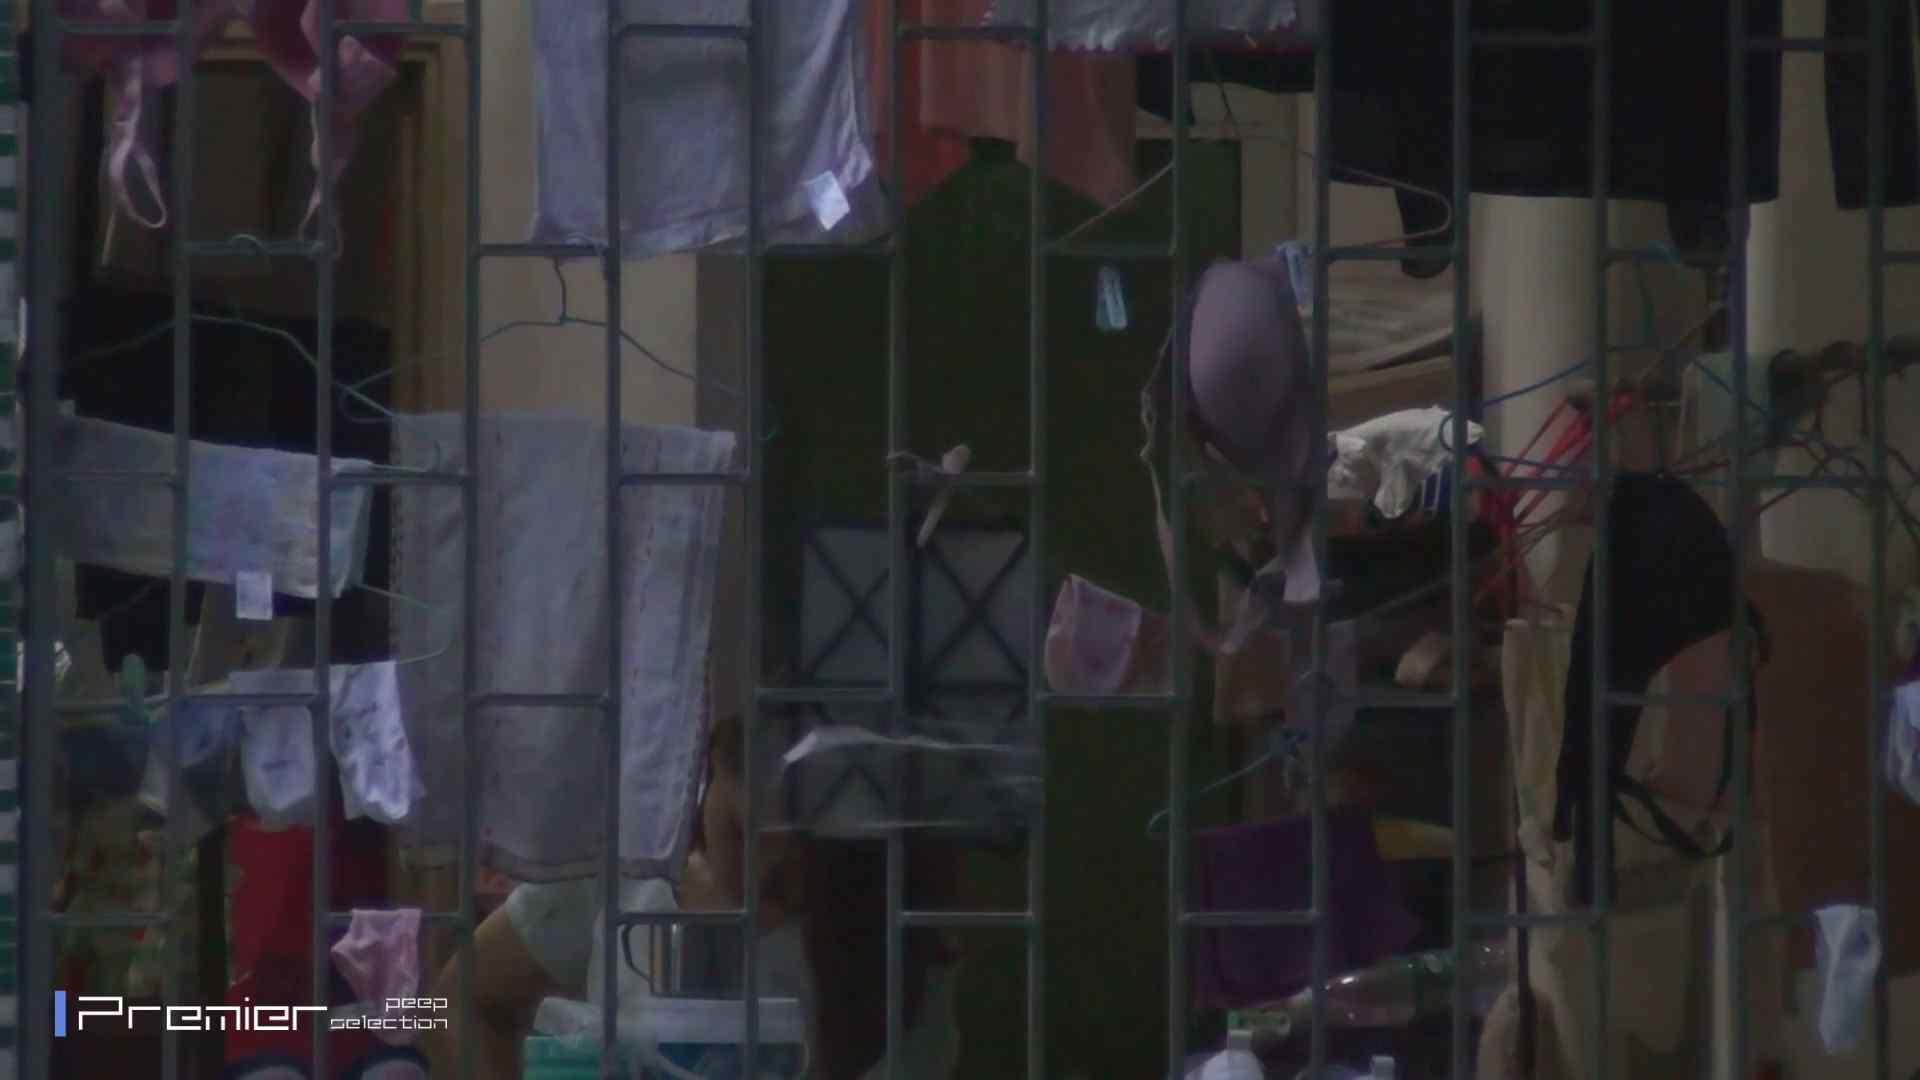 激撮り美女の洗顔シーン Vol.05 美女の痴態に密着! 潜入 濡れ場動画紹介 77連発 23